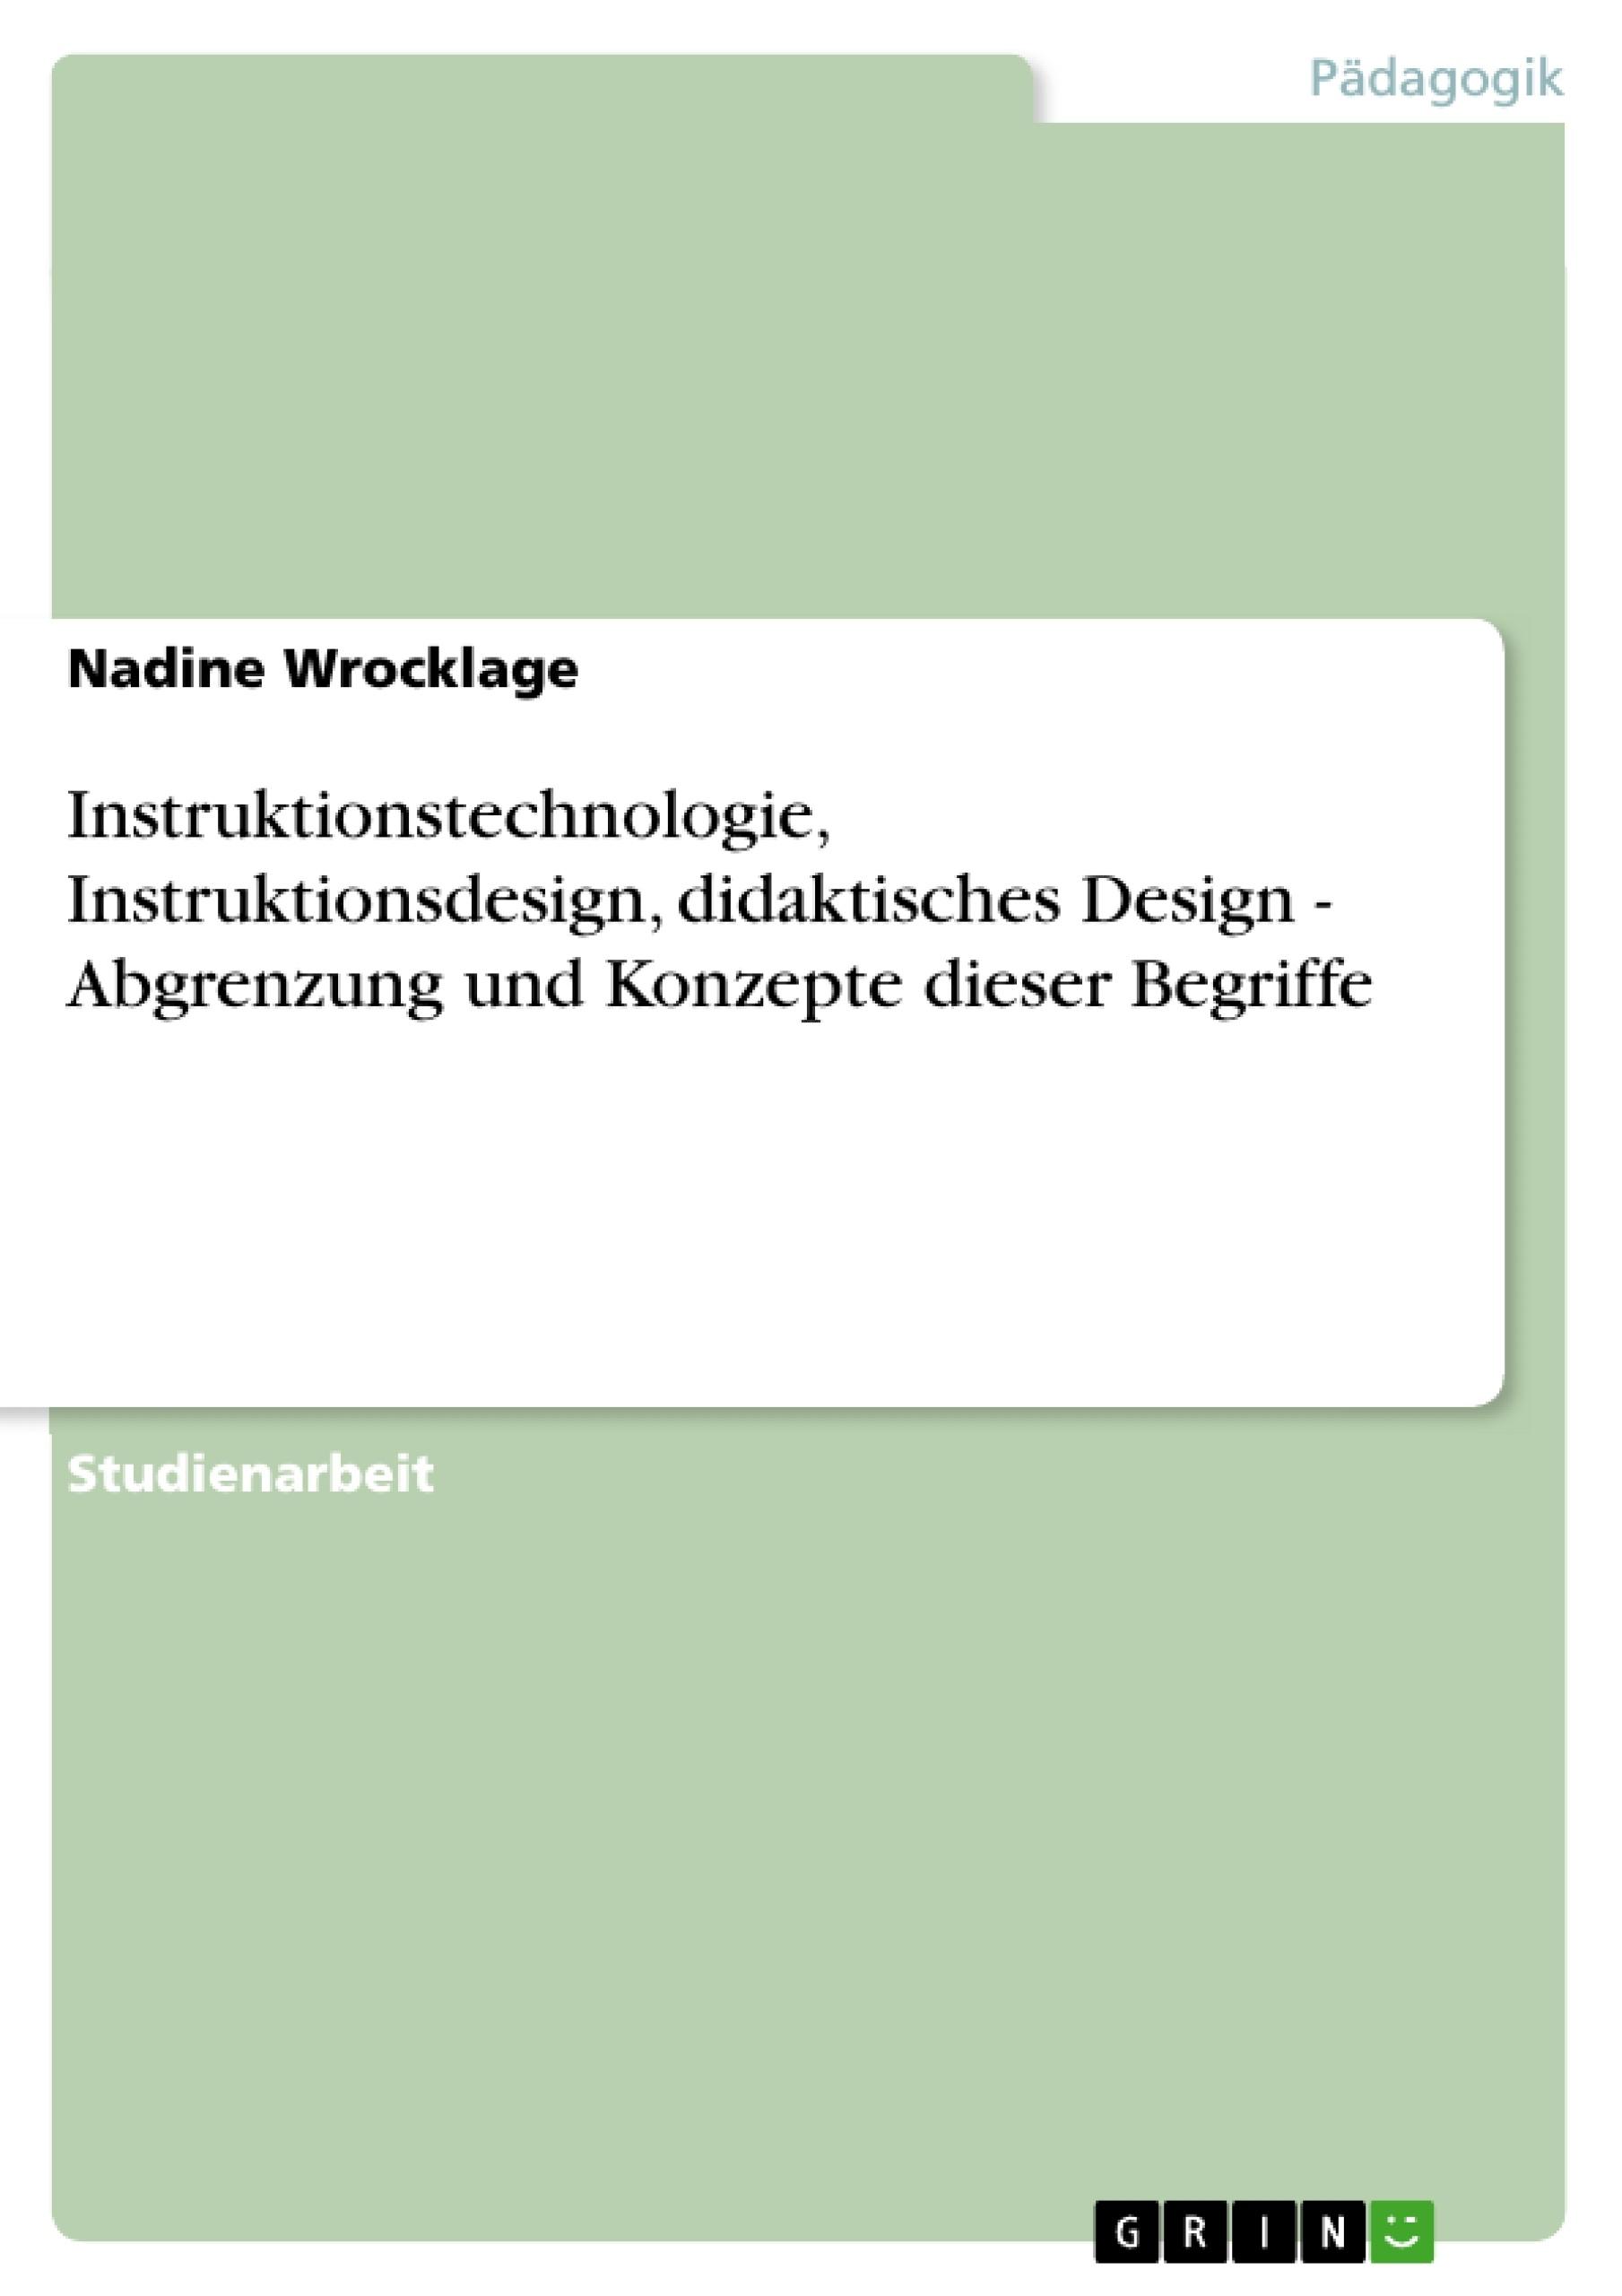 Titel: Instruktionstechnologie, Instruktionsdesign, didaktisches Design - Abgrenzung und Konzepte dieser Begriffe